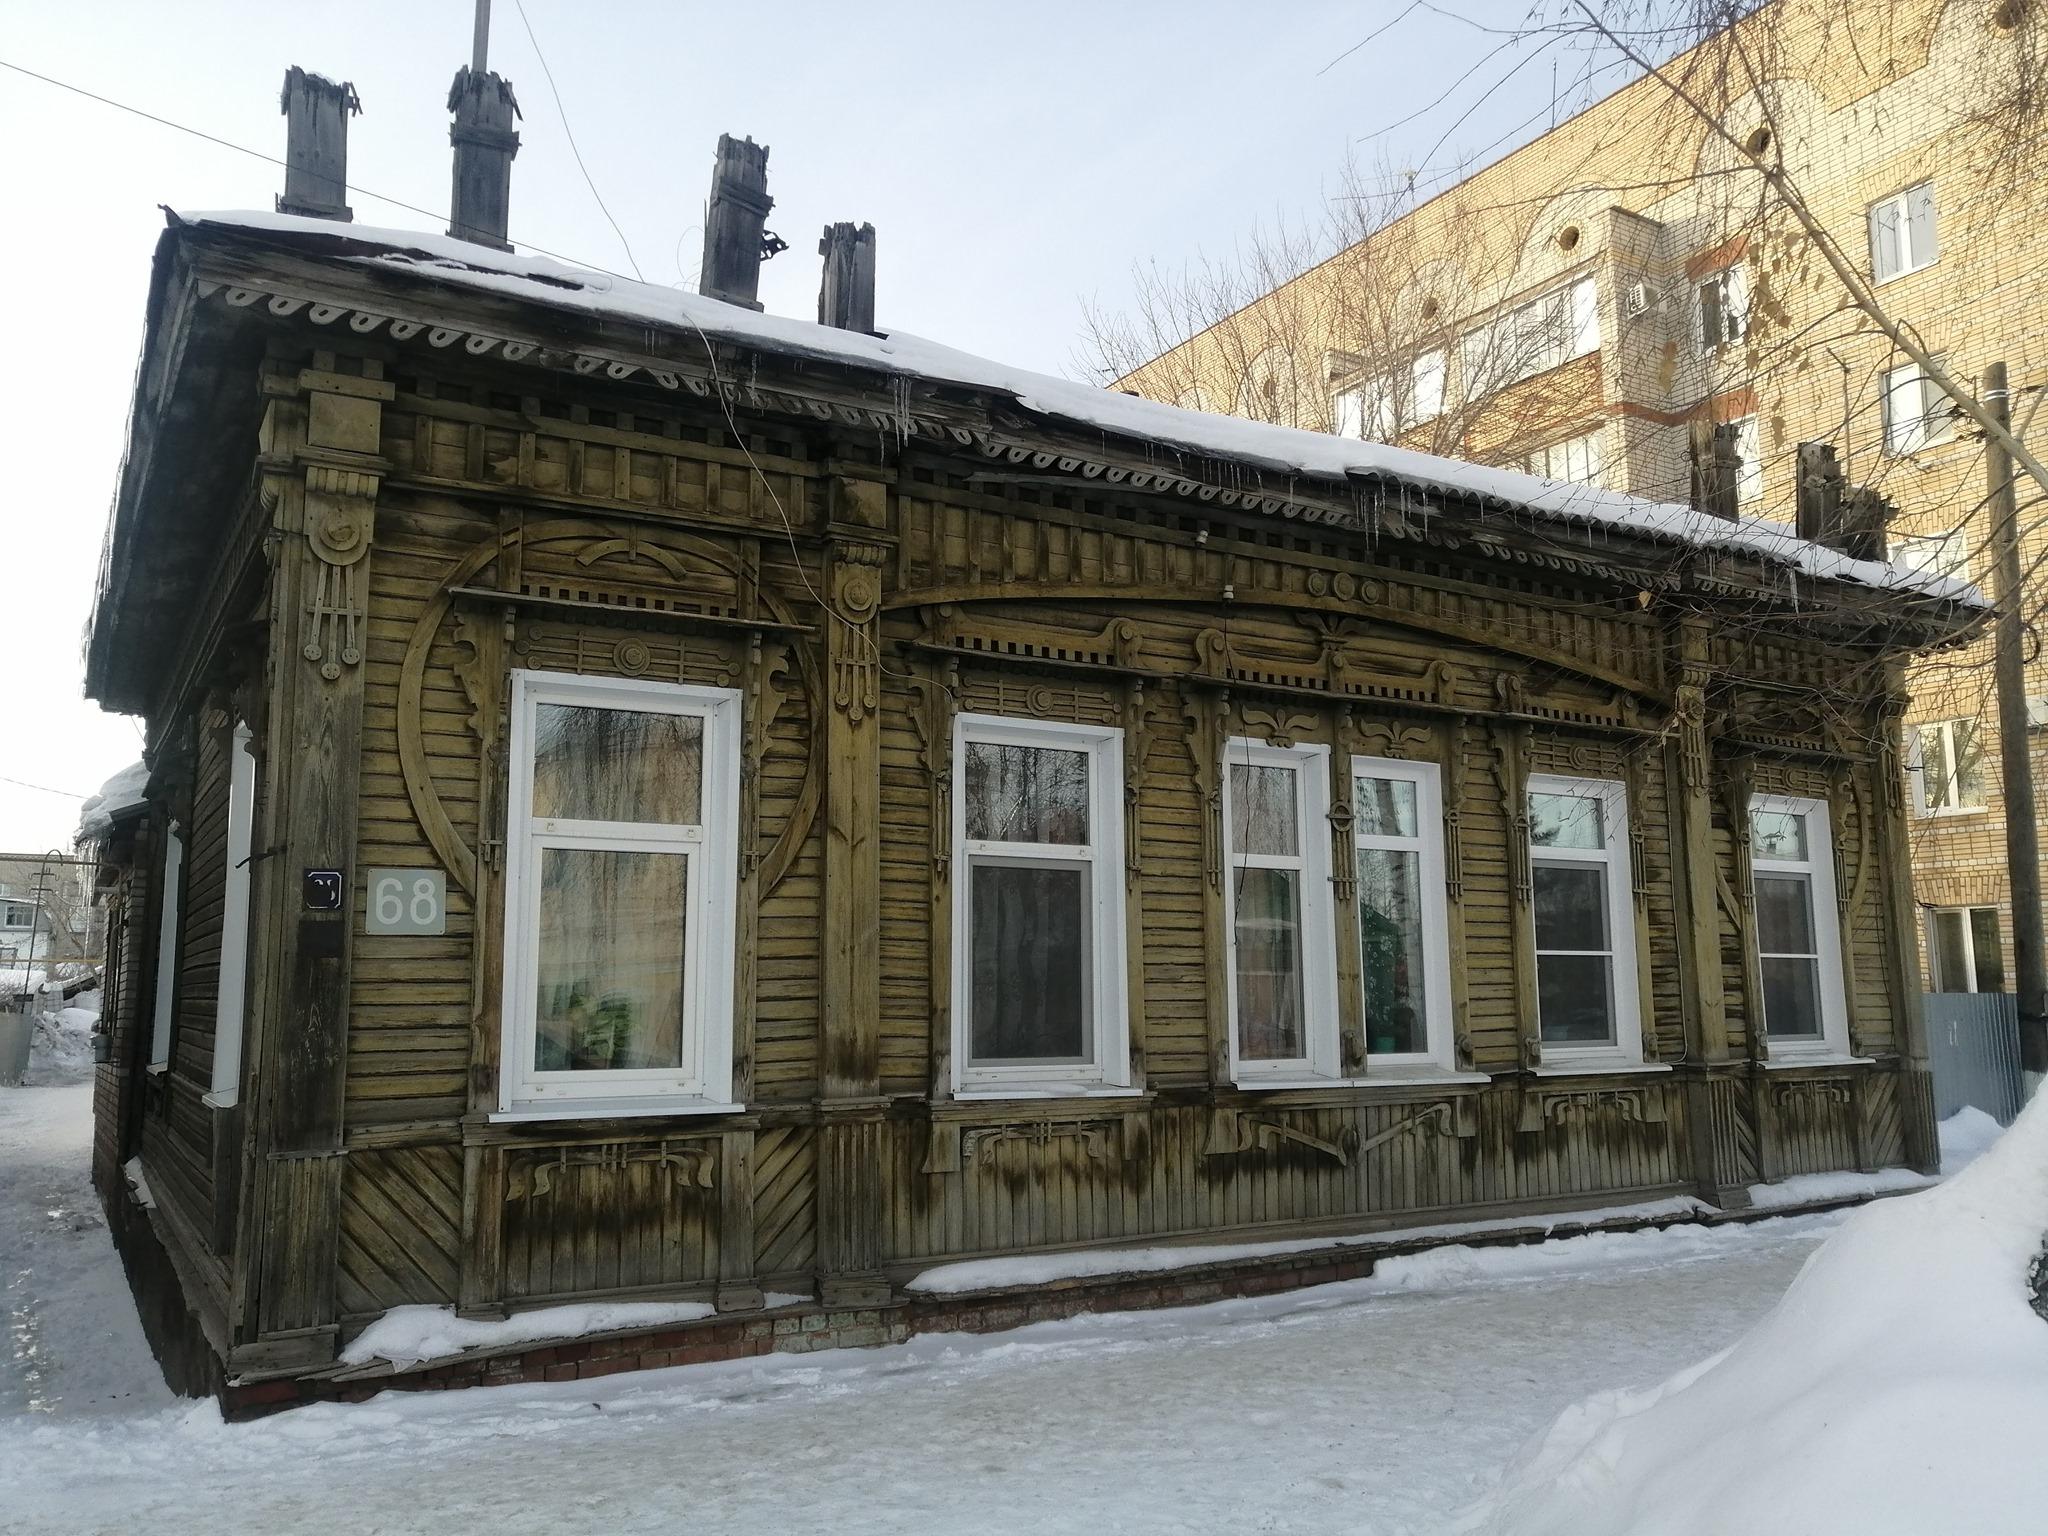 Дизайнер и блогер Артемий Лебедев дал 100 тысяч рублей на реставрацию деревянного дома в Бузулуке